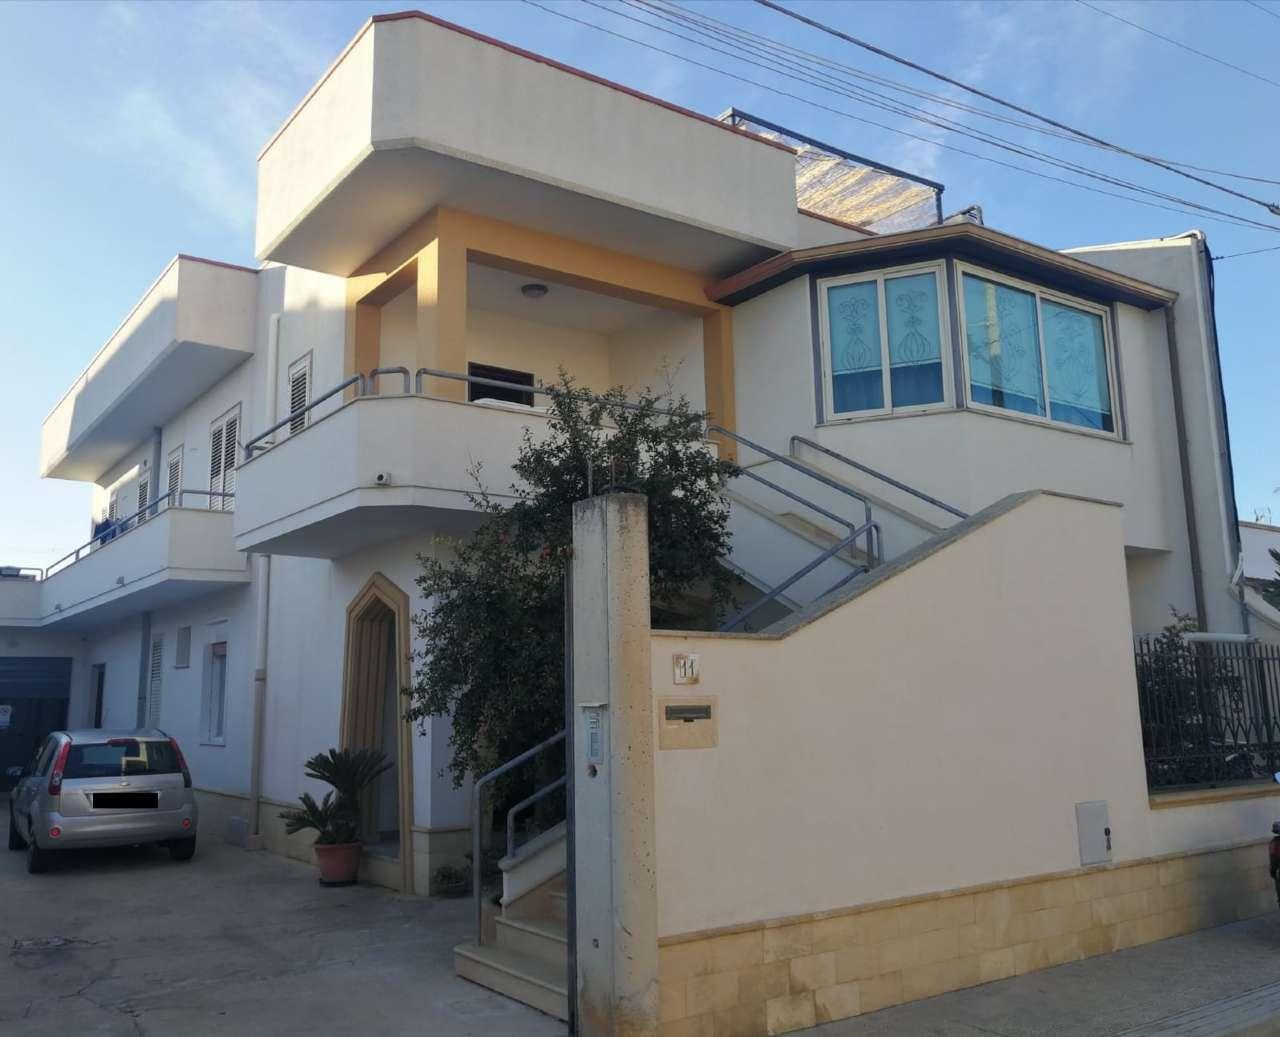 Appartamento in vendita a Castelvetrano, 10 locali, prezzo € 130.000 | PortaleAgenzieImmobiliari.it